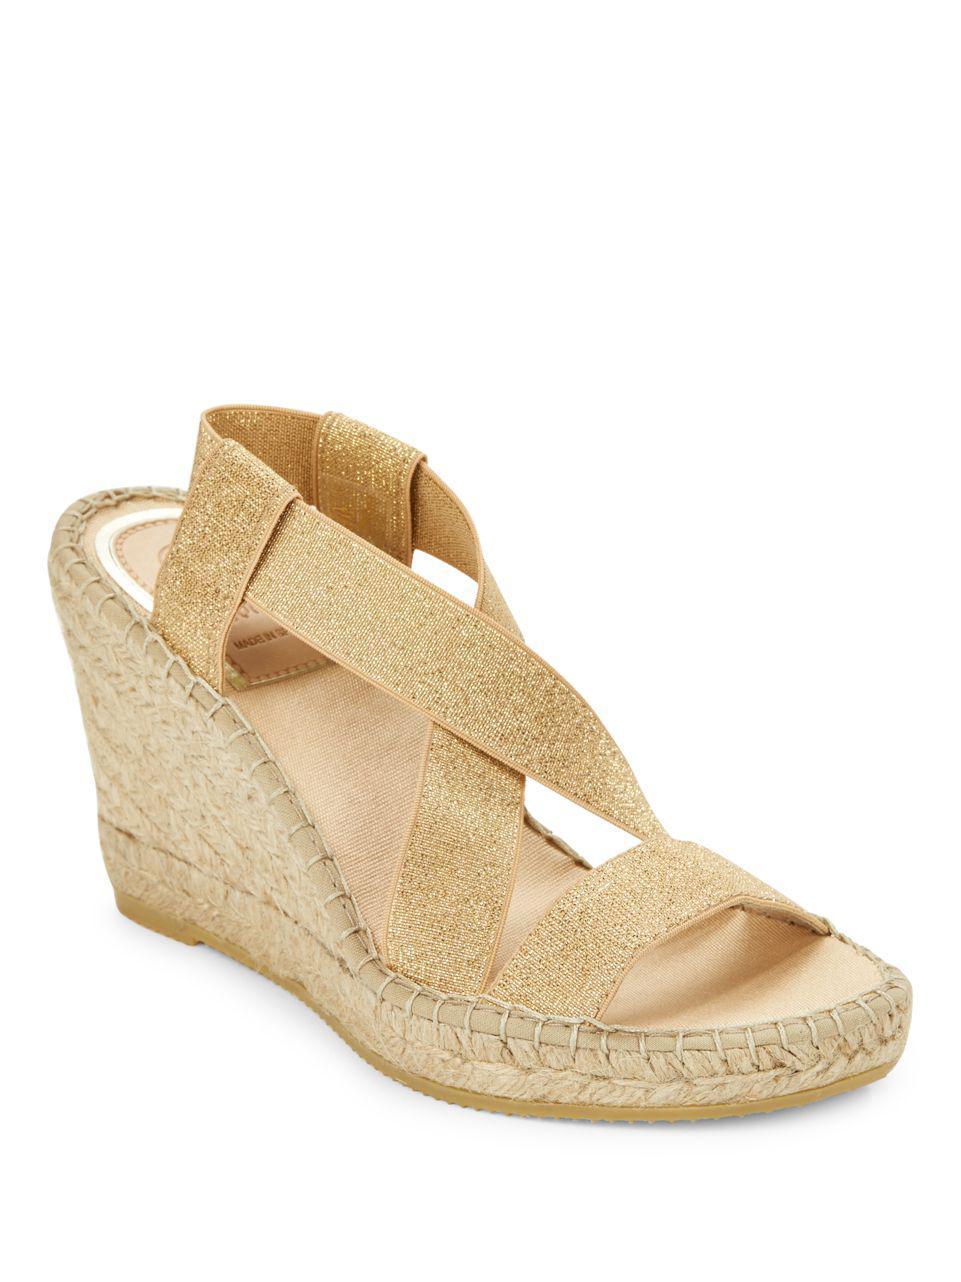 VidorretaPlatform sandals - beige 5UHd2L9